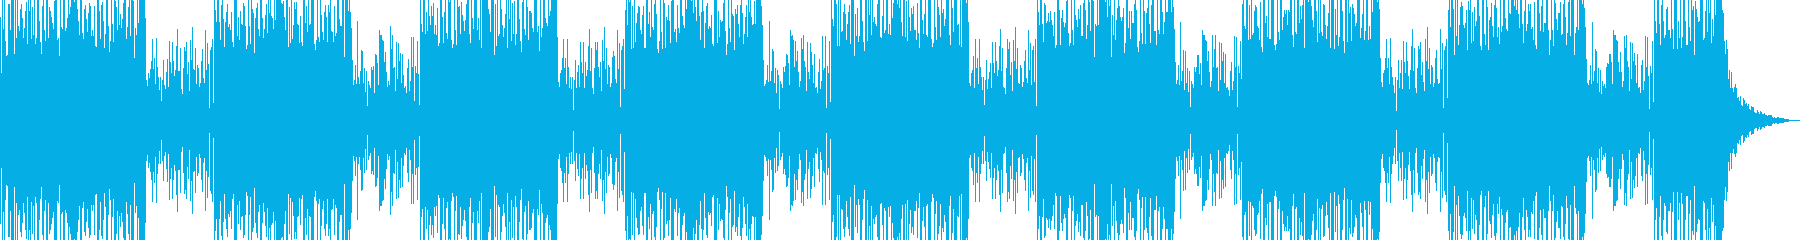 ロングバージョンの再生済みの波形